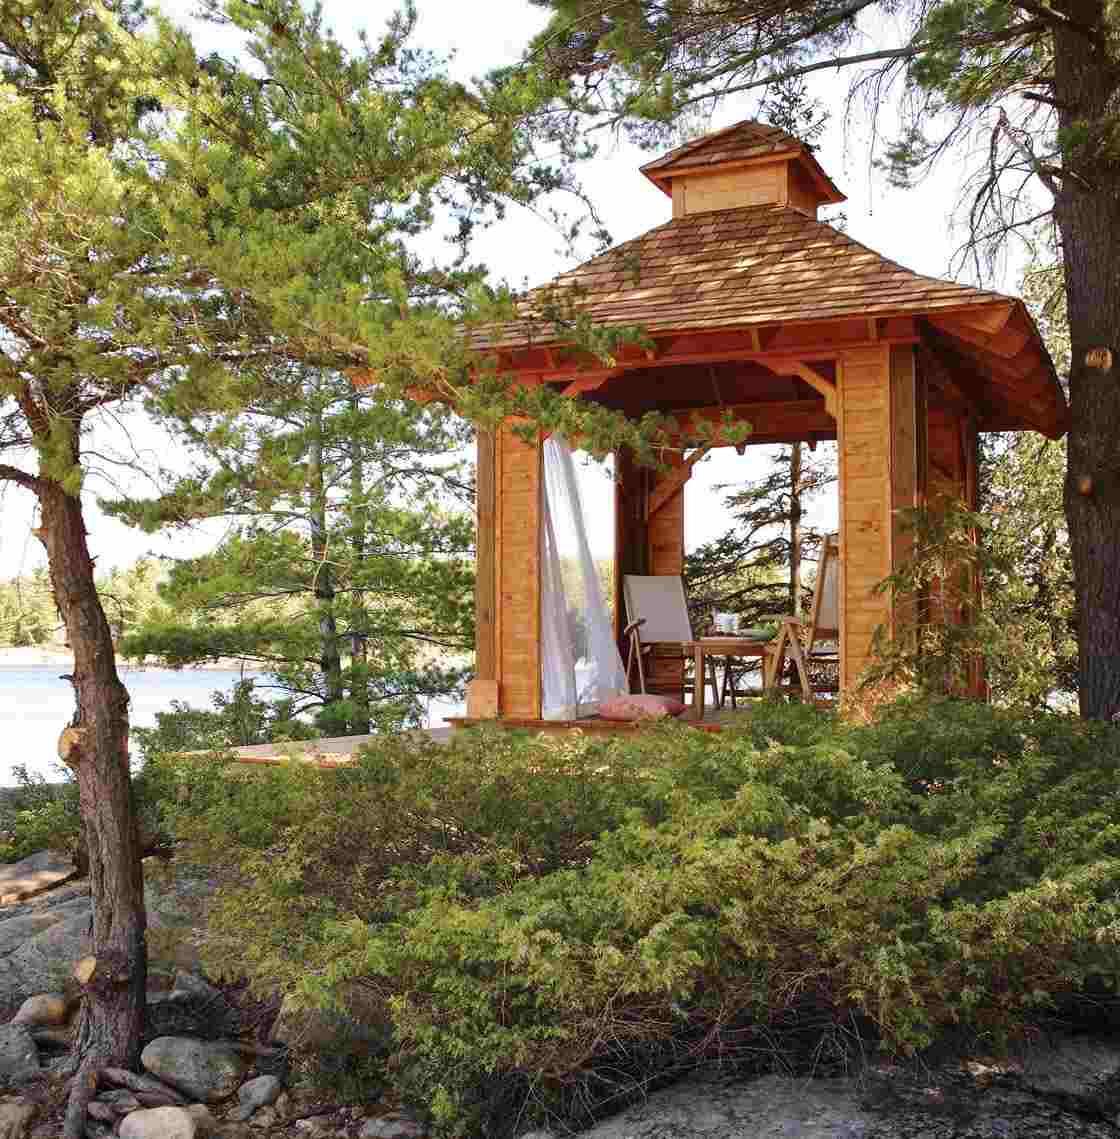 Pavillon De Jardin En Bois - 22 Idées De Conception Romantique à Pont En Bois Pour Jardin